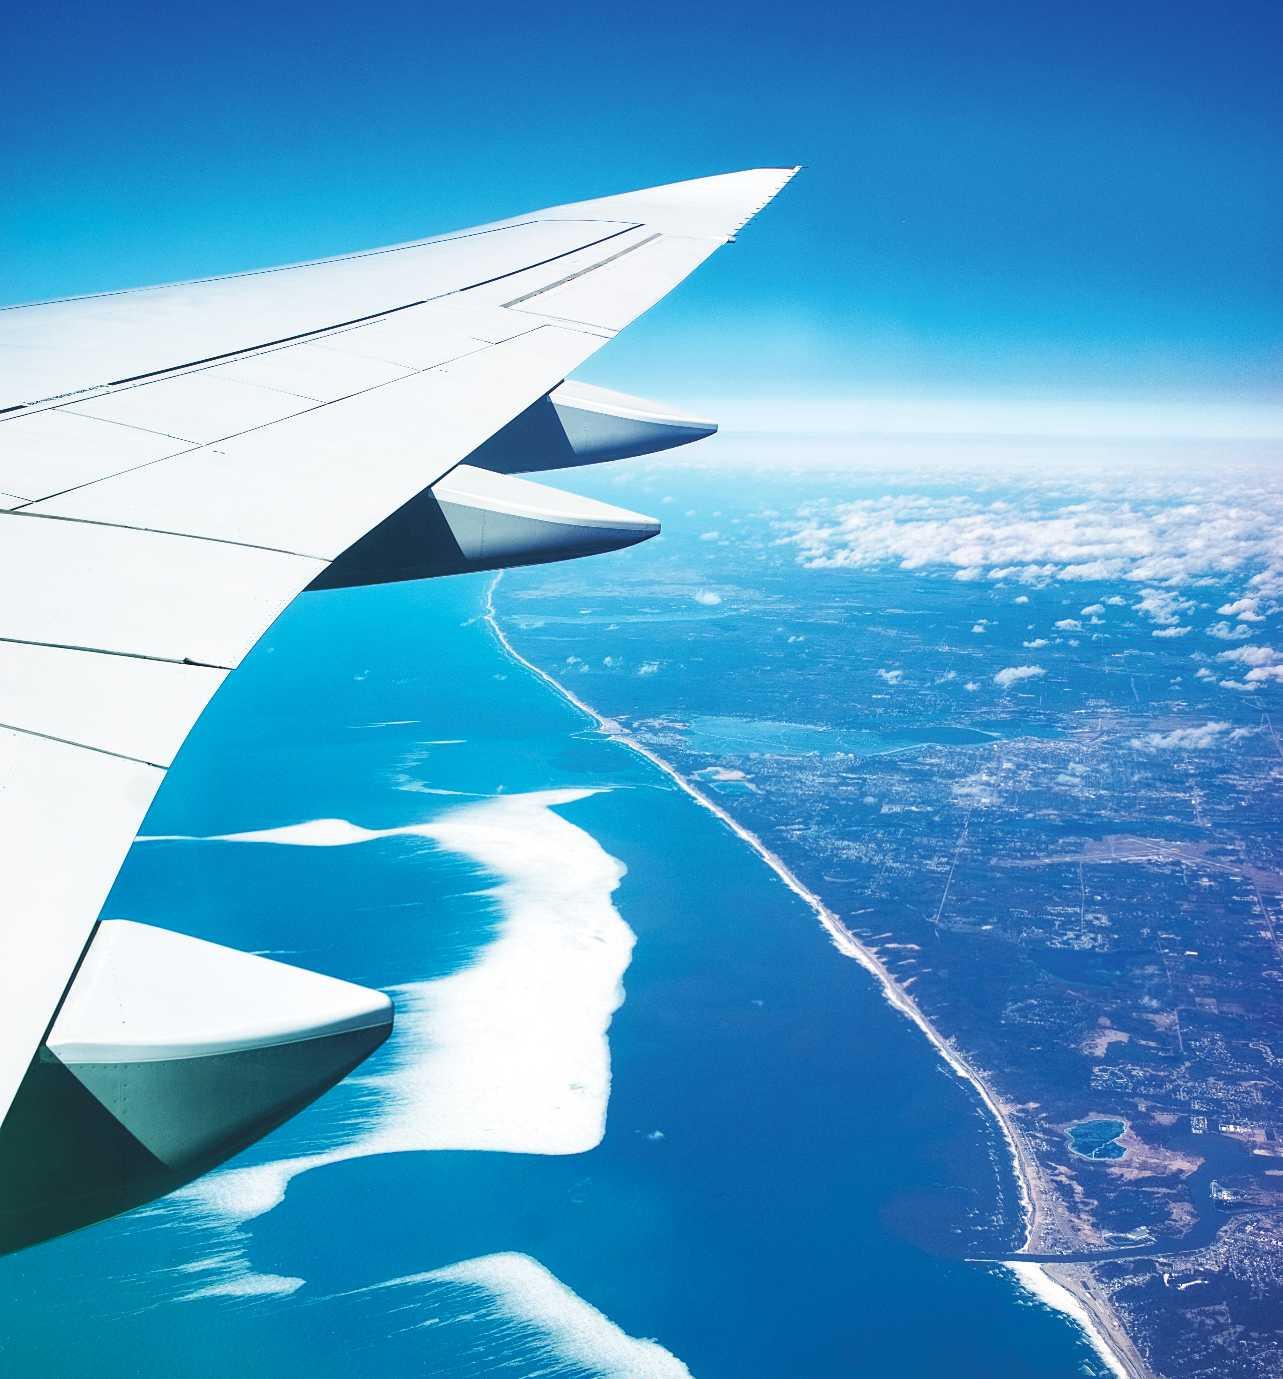 jet flying over an ocean shoreline